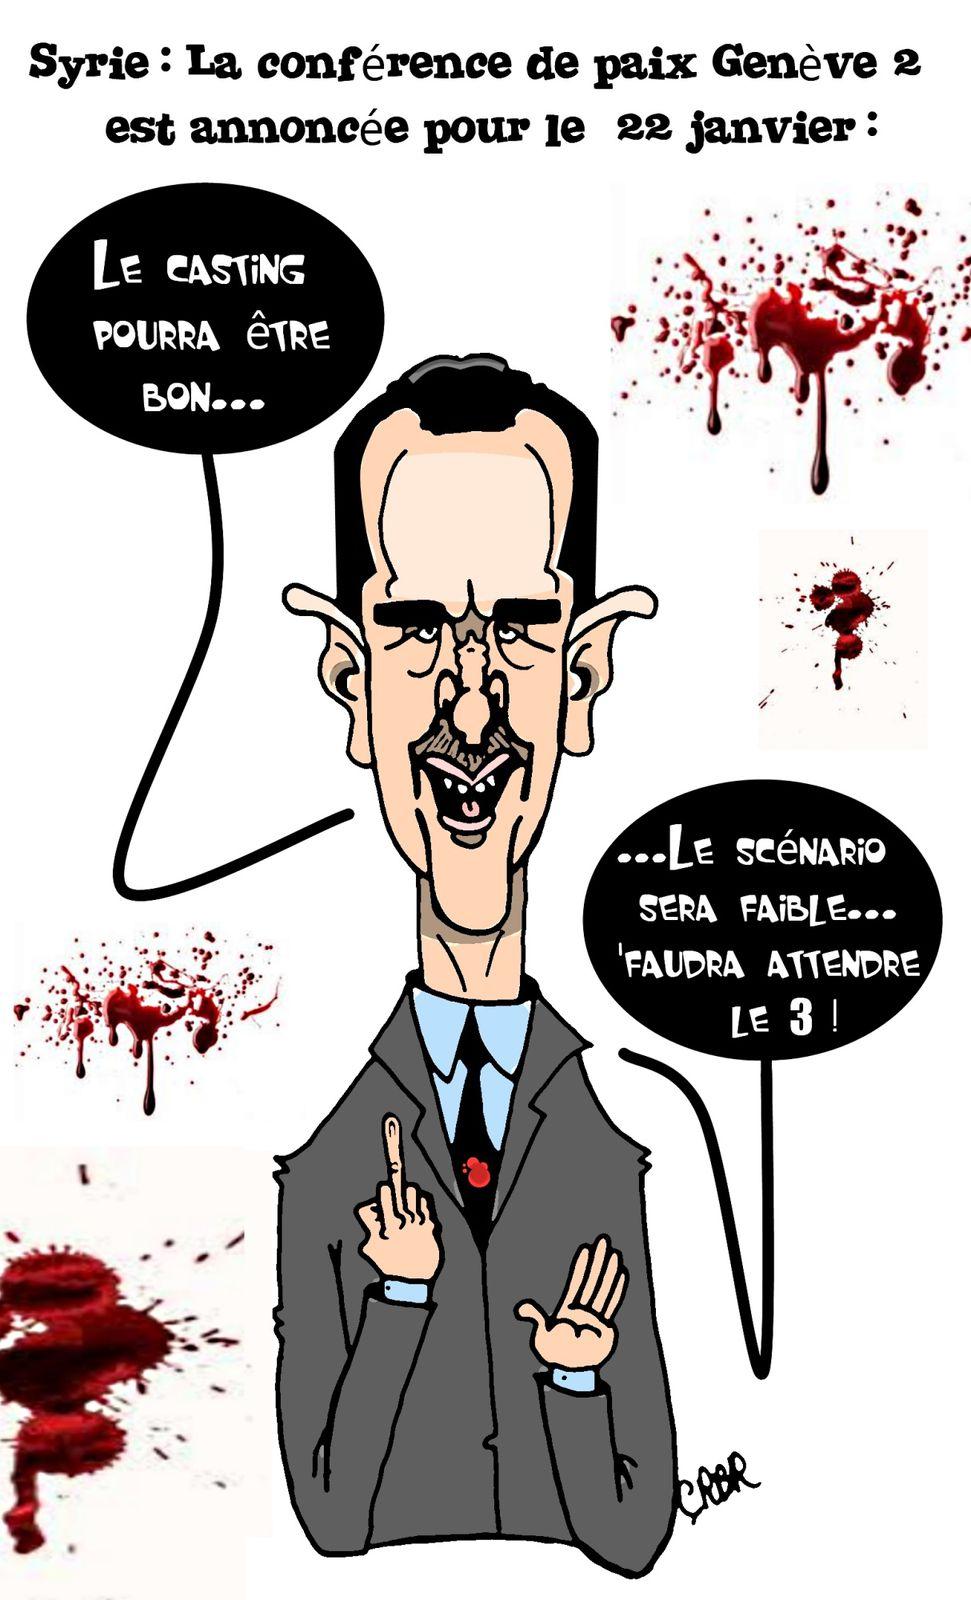 Syrie :La conférence de la paix Genève2 annoncée pour le 22 janvier.